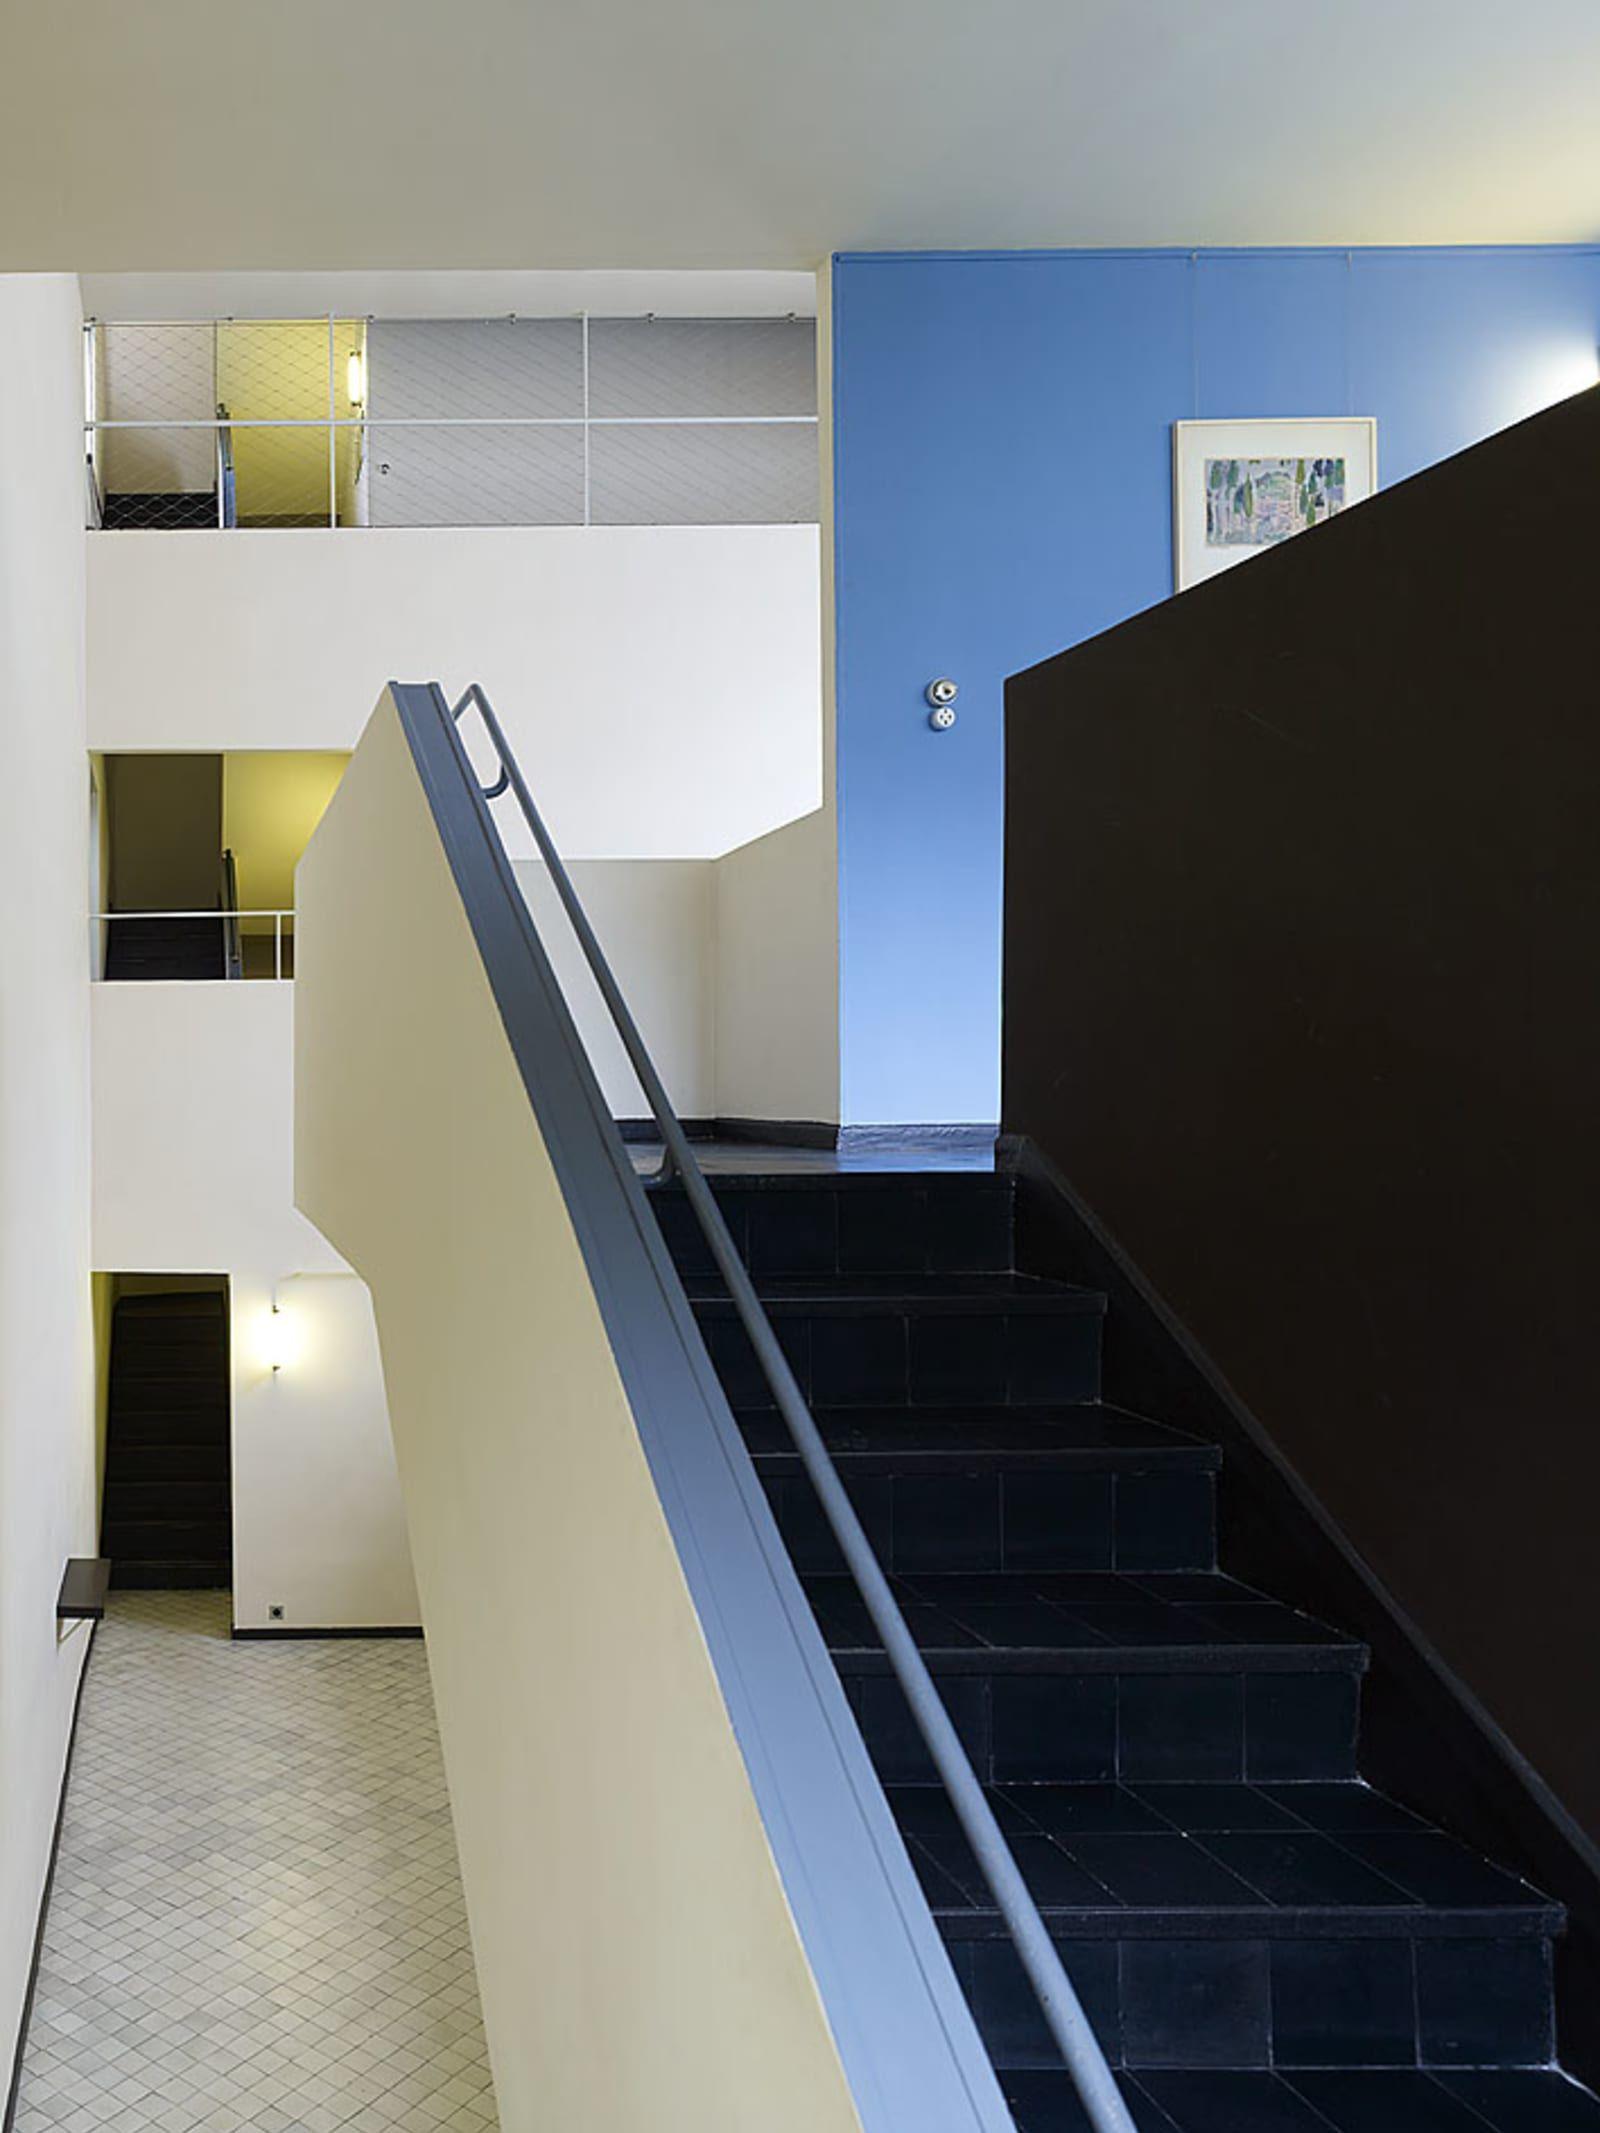 Maison La Roche Corbusier Paris brunner sanina - architect - le corbusier - maison la roche